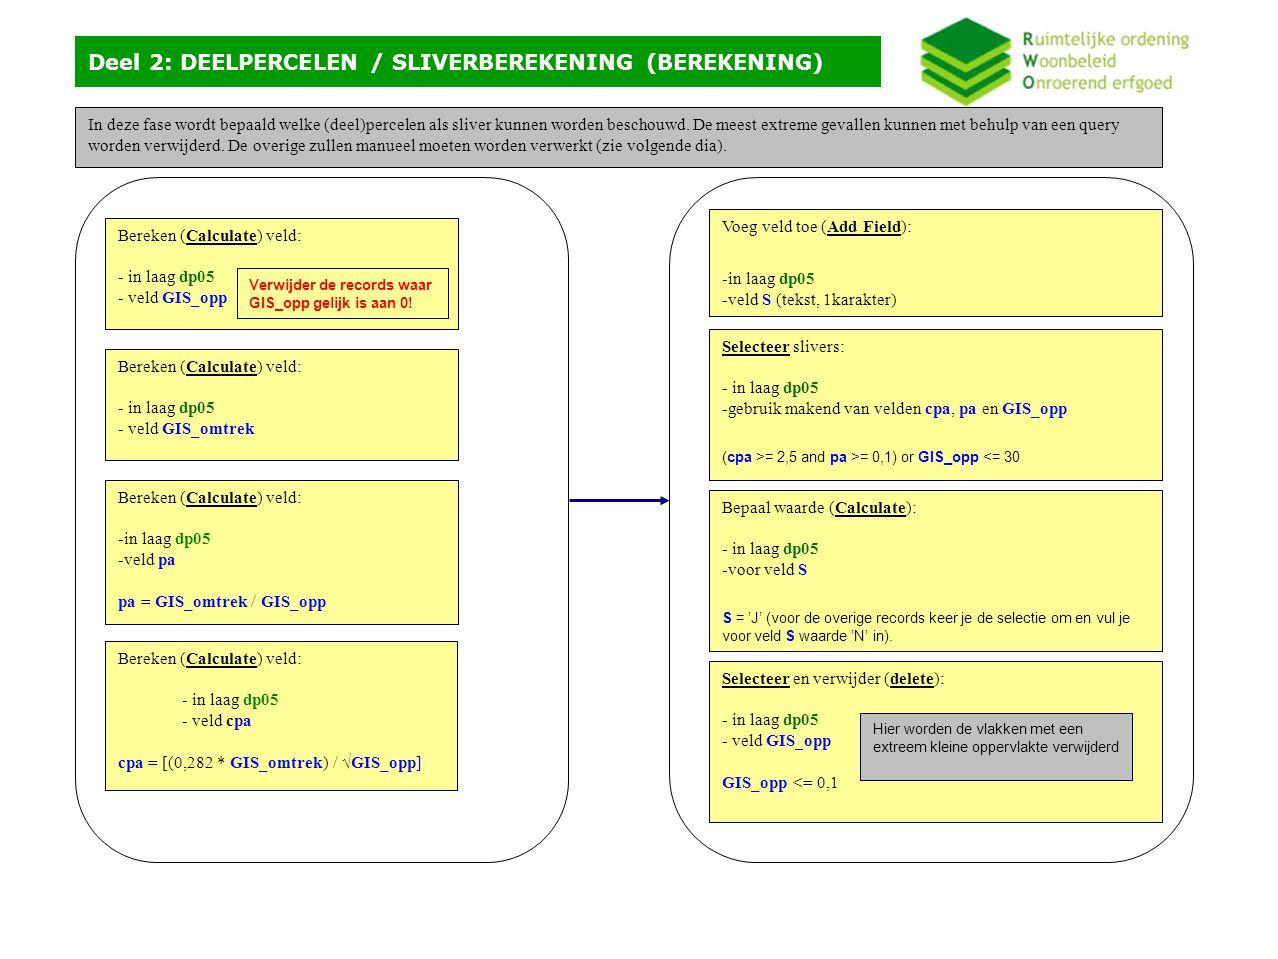 Deel 2: DEELPERCELEN / SLIVERBEREKENING (BEREKENING) Bereken (Calculate) veld: - in laag dp05 - veld GIS_opp Bereken (Calculate) veld: - in laag dp05 - veld GIS_omtrek Bereken (Calculate) veld: -in laag dp05 -veld pa pa = GIS_omtrek / GIS_opp Bereken (Calculate) veld: - in laag dp05 - veld cpa cpa = [(0,282 * GIS_omtrek) / √GIS_opp] Selecteer en verwijder (delete): - in laag dp05 - veld GIS_opp GIS_opp <= 0,1 Hier worden de vlakken met een extreem kleine oppervlakte verwijderd Selecteer slivers: - in laag dp05 -gebruik makend van velden cpa, pa en GIS_opp (cpa >= 2,5 and pa >= 0,1) or GIS_opp <= 30 Voeg veld toe (Add Field): -in laag dp05 -veld S (tekst, 1karakter) Bepaal waarde (Calculate): - in laag dp05 -voor veld S S = 'J' (voor de overige records keer je de selectie om en vul je voor veld S waarde 'N' in).